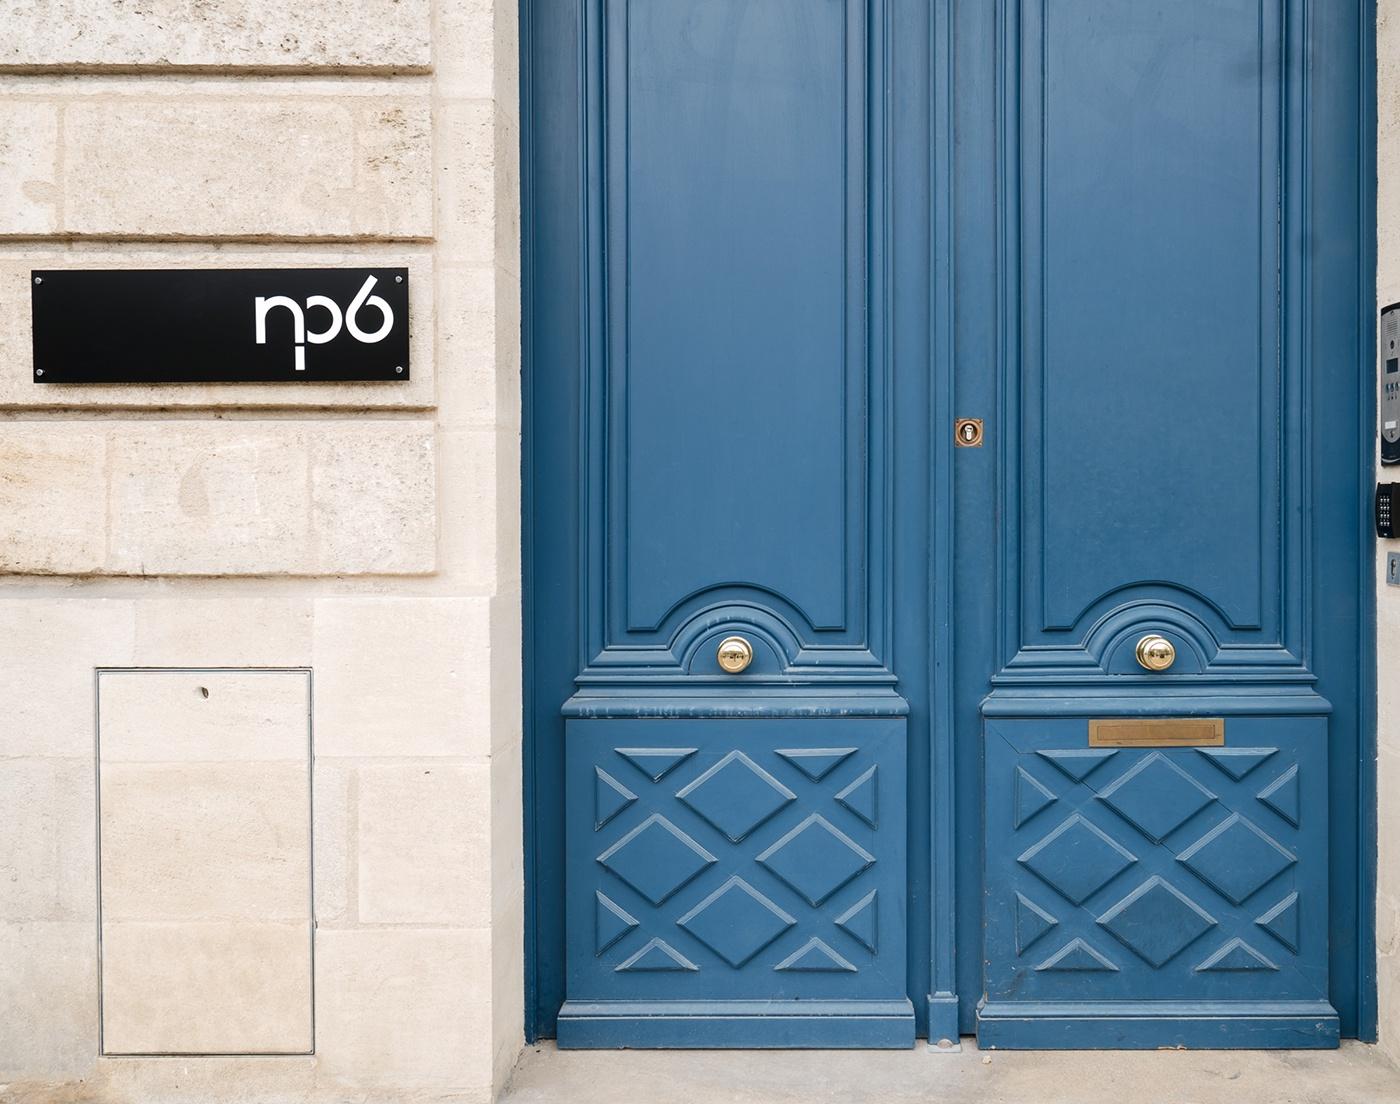 Technology digital marketing   Startup france Paris Bordeaux tech